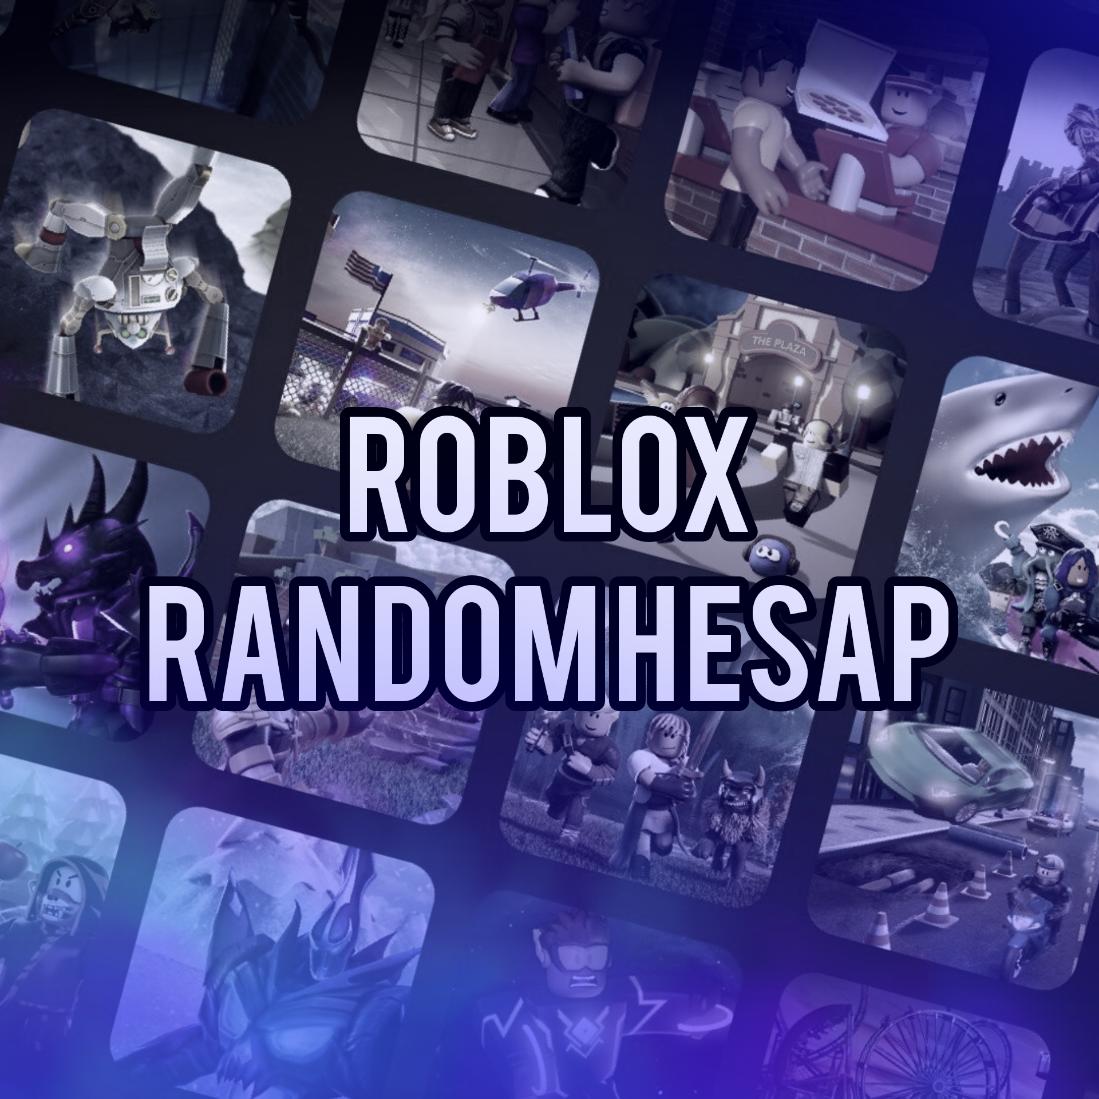 Roblox Random Hesap